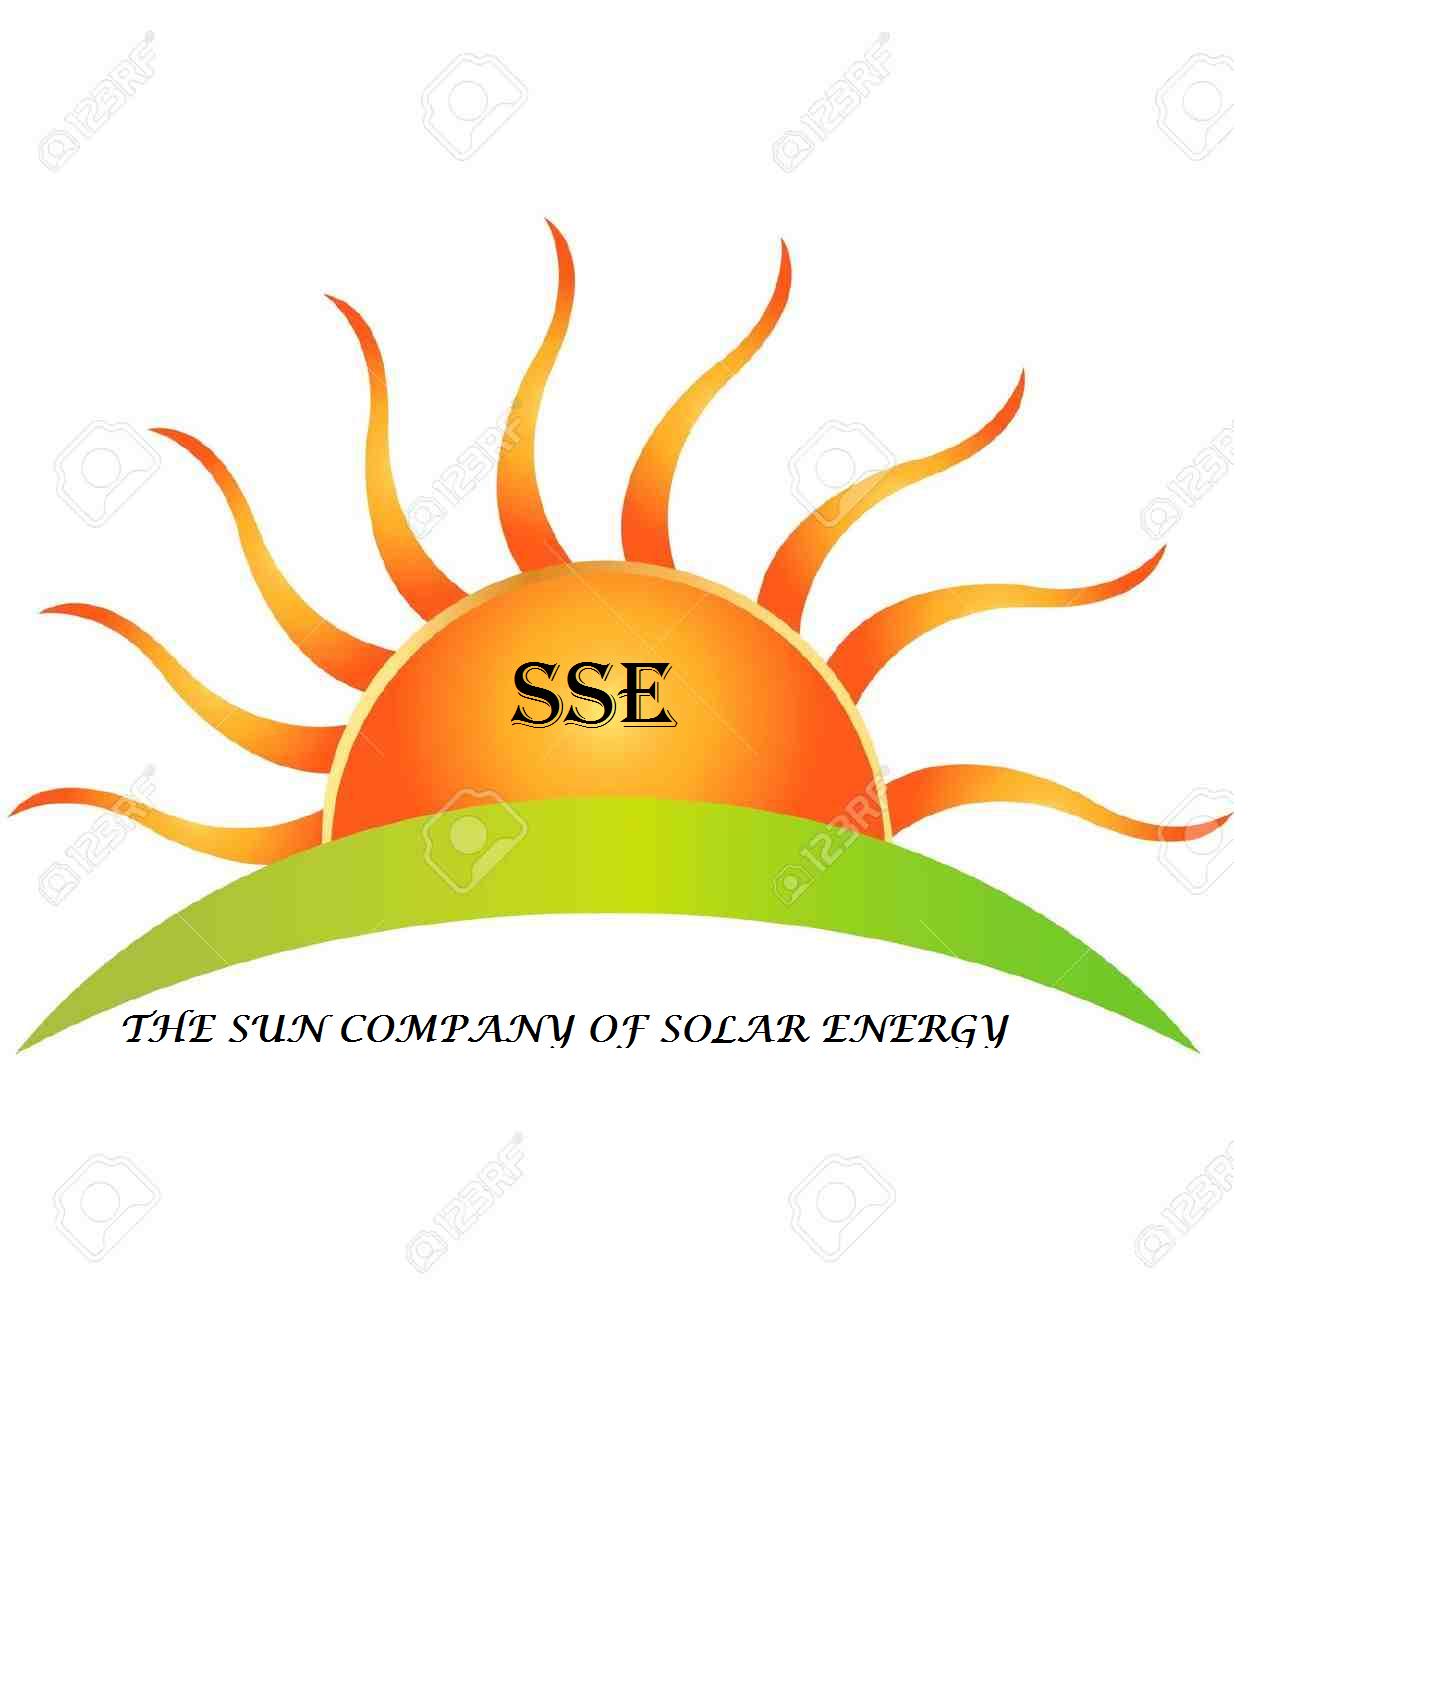 شركة الشمس لأعمال الطاقة الشمسية وشبكات الرى الزراعى